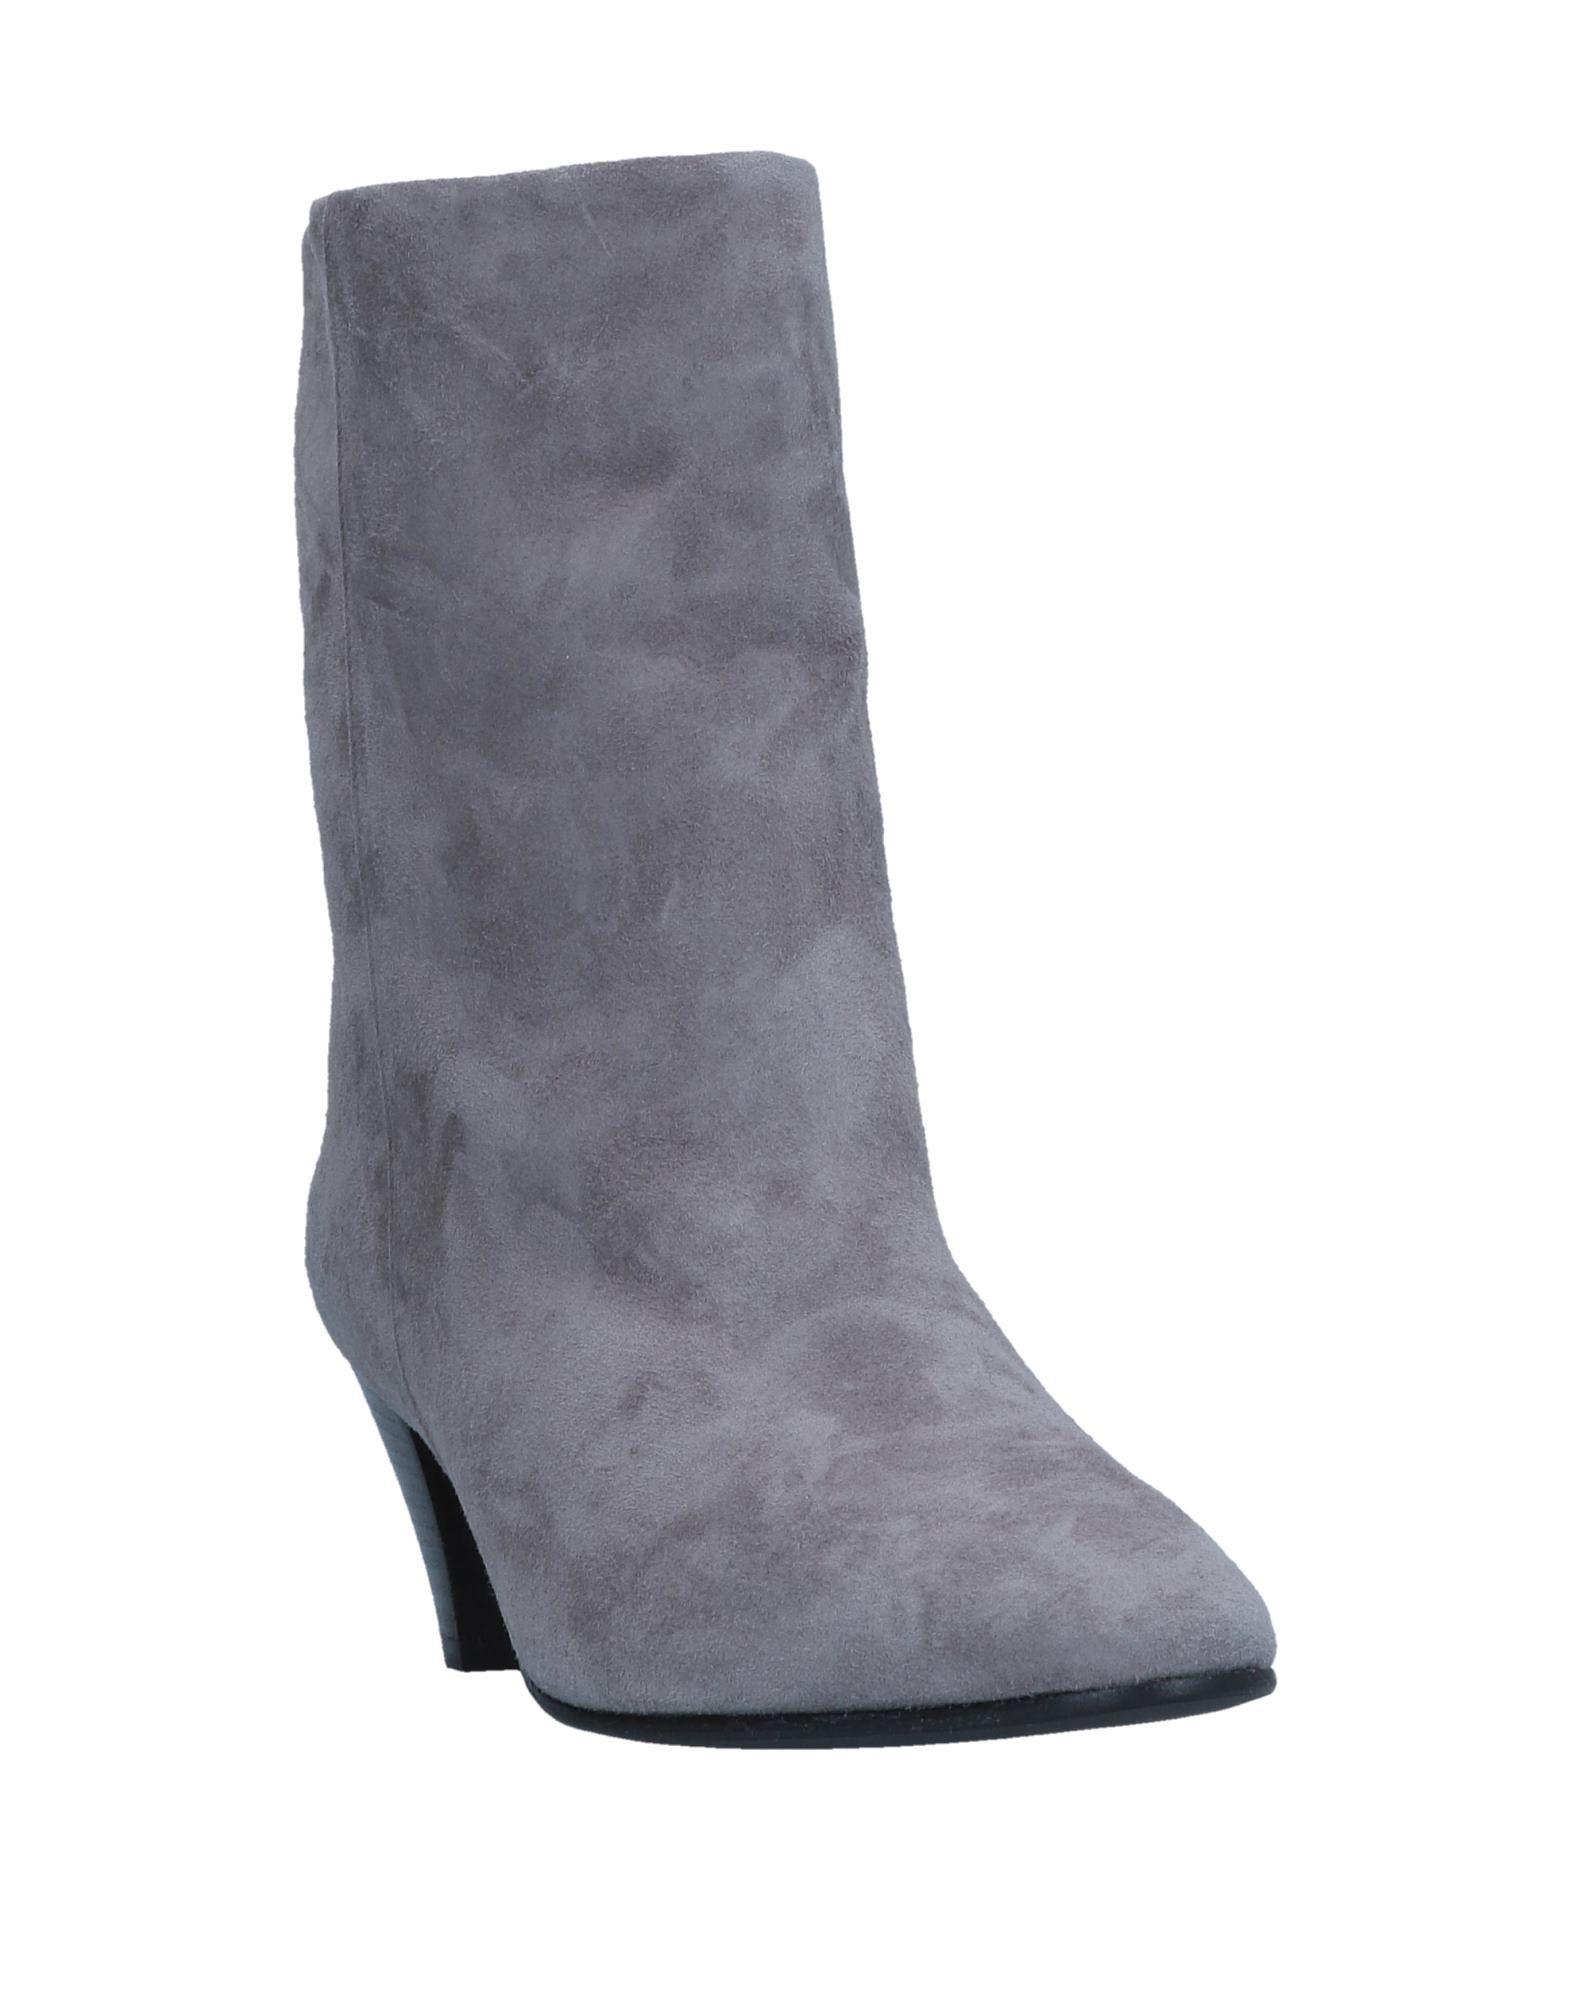 Parents Stiefelette Damen beliebte  11550112RK Gute Qualität beliebte Damen Schuhe adc748